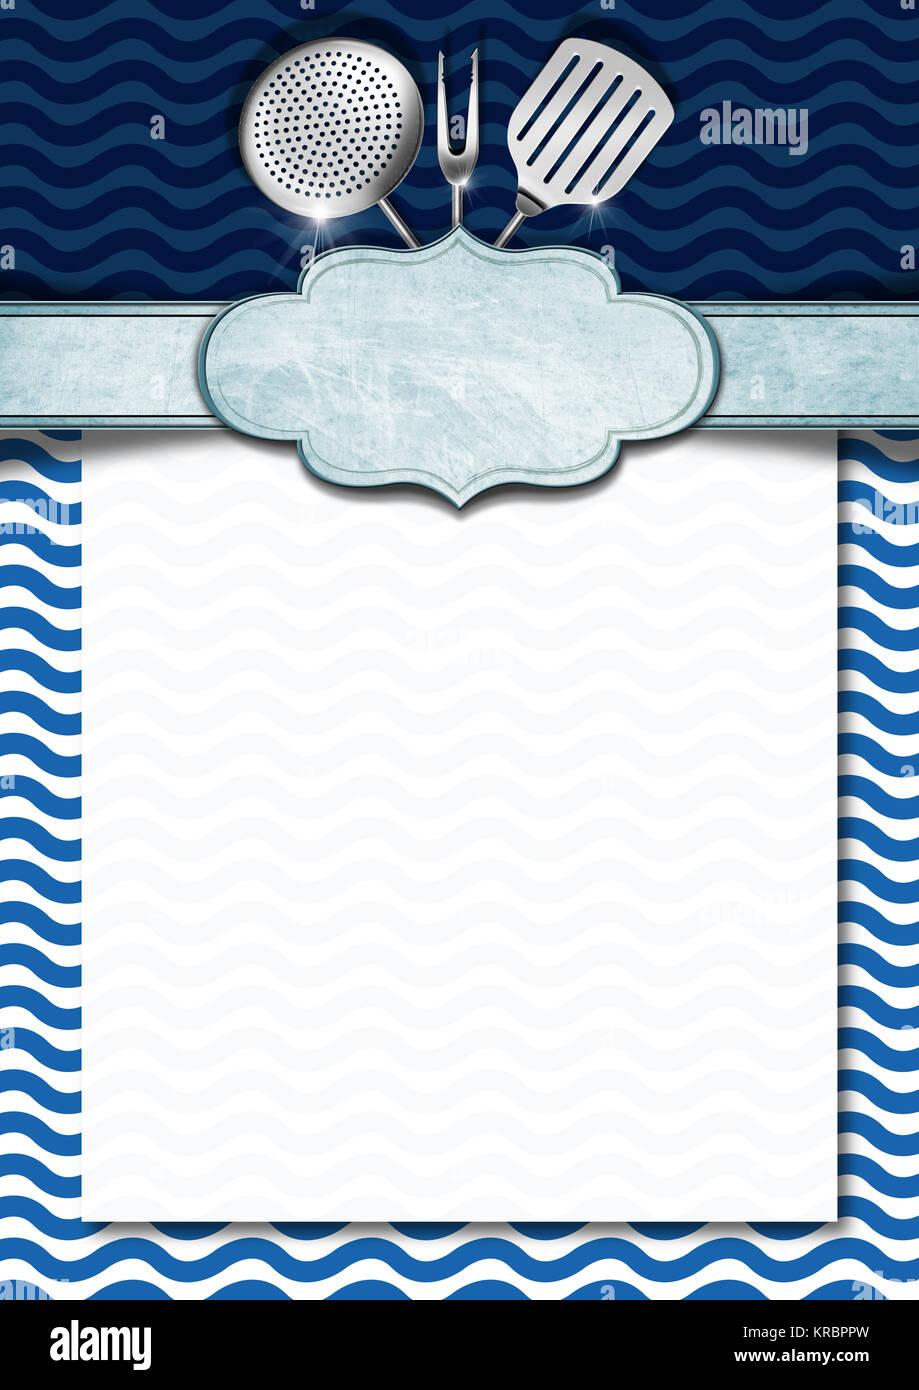 Blu E Sfondo Bianco Con Onde Stilizzate Utensili Da Cucina E